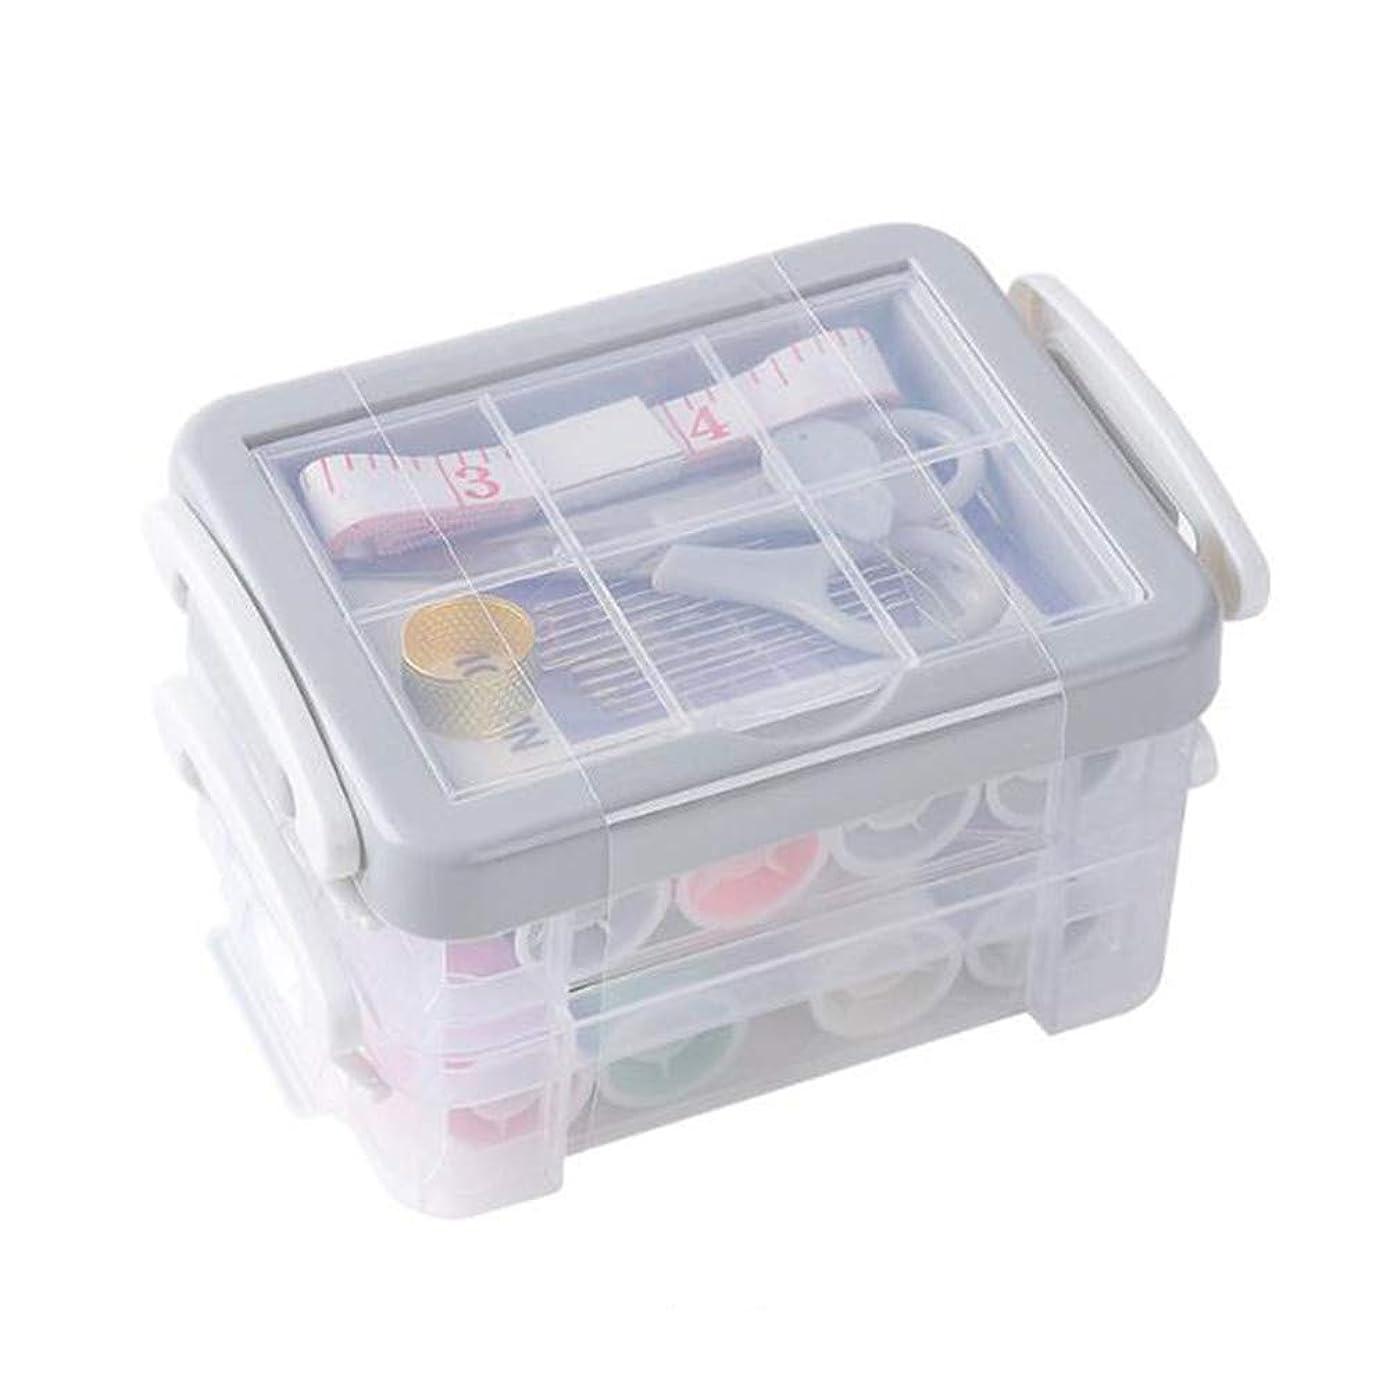 LJSLYJ 三段 仕切り 裁縫道具 小物 透明 収納ボック 多機能 ポータブル 針糸 アクセサリー 収納ケース(グレー)